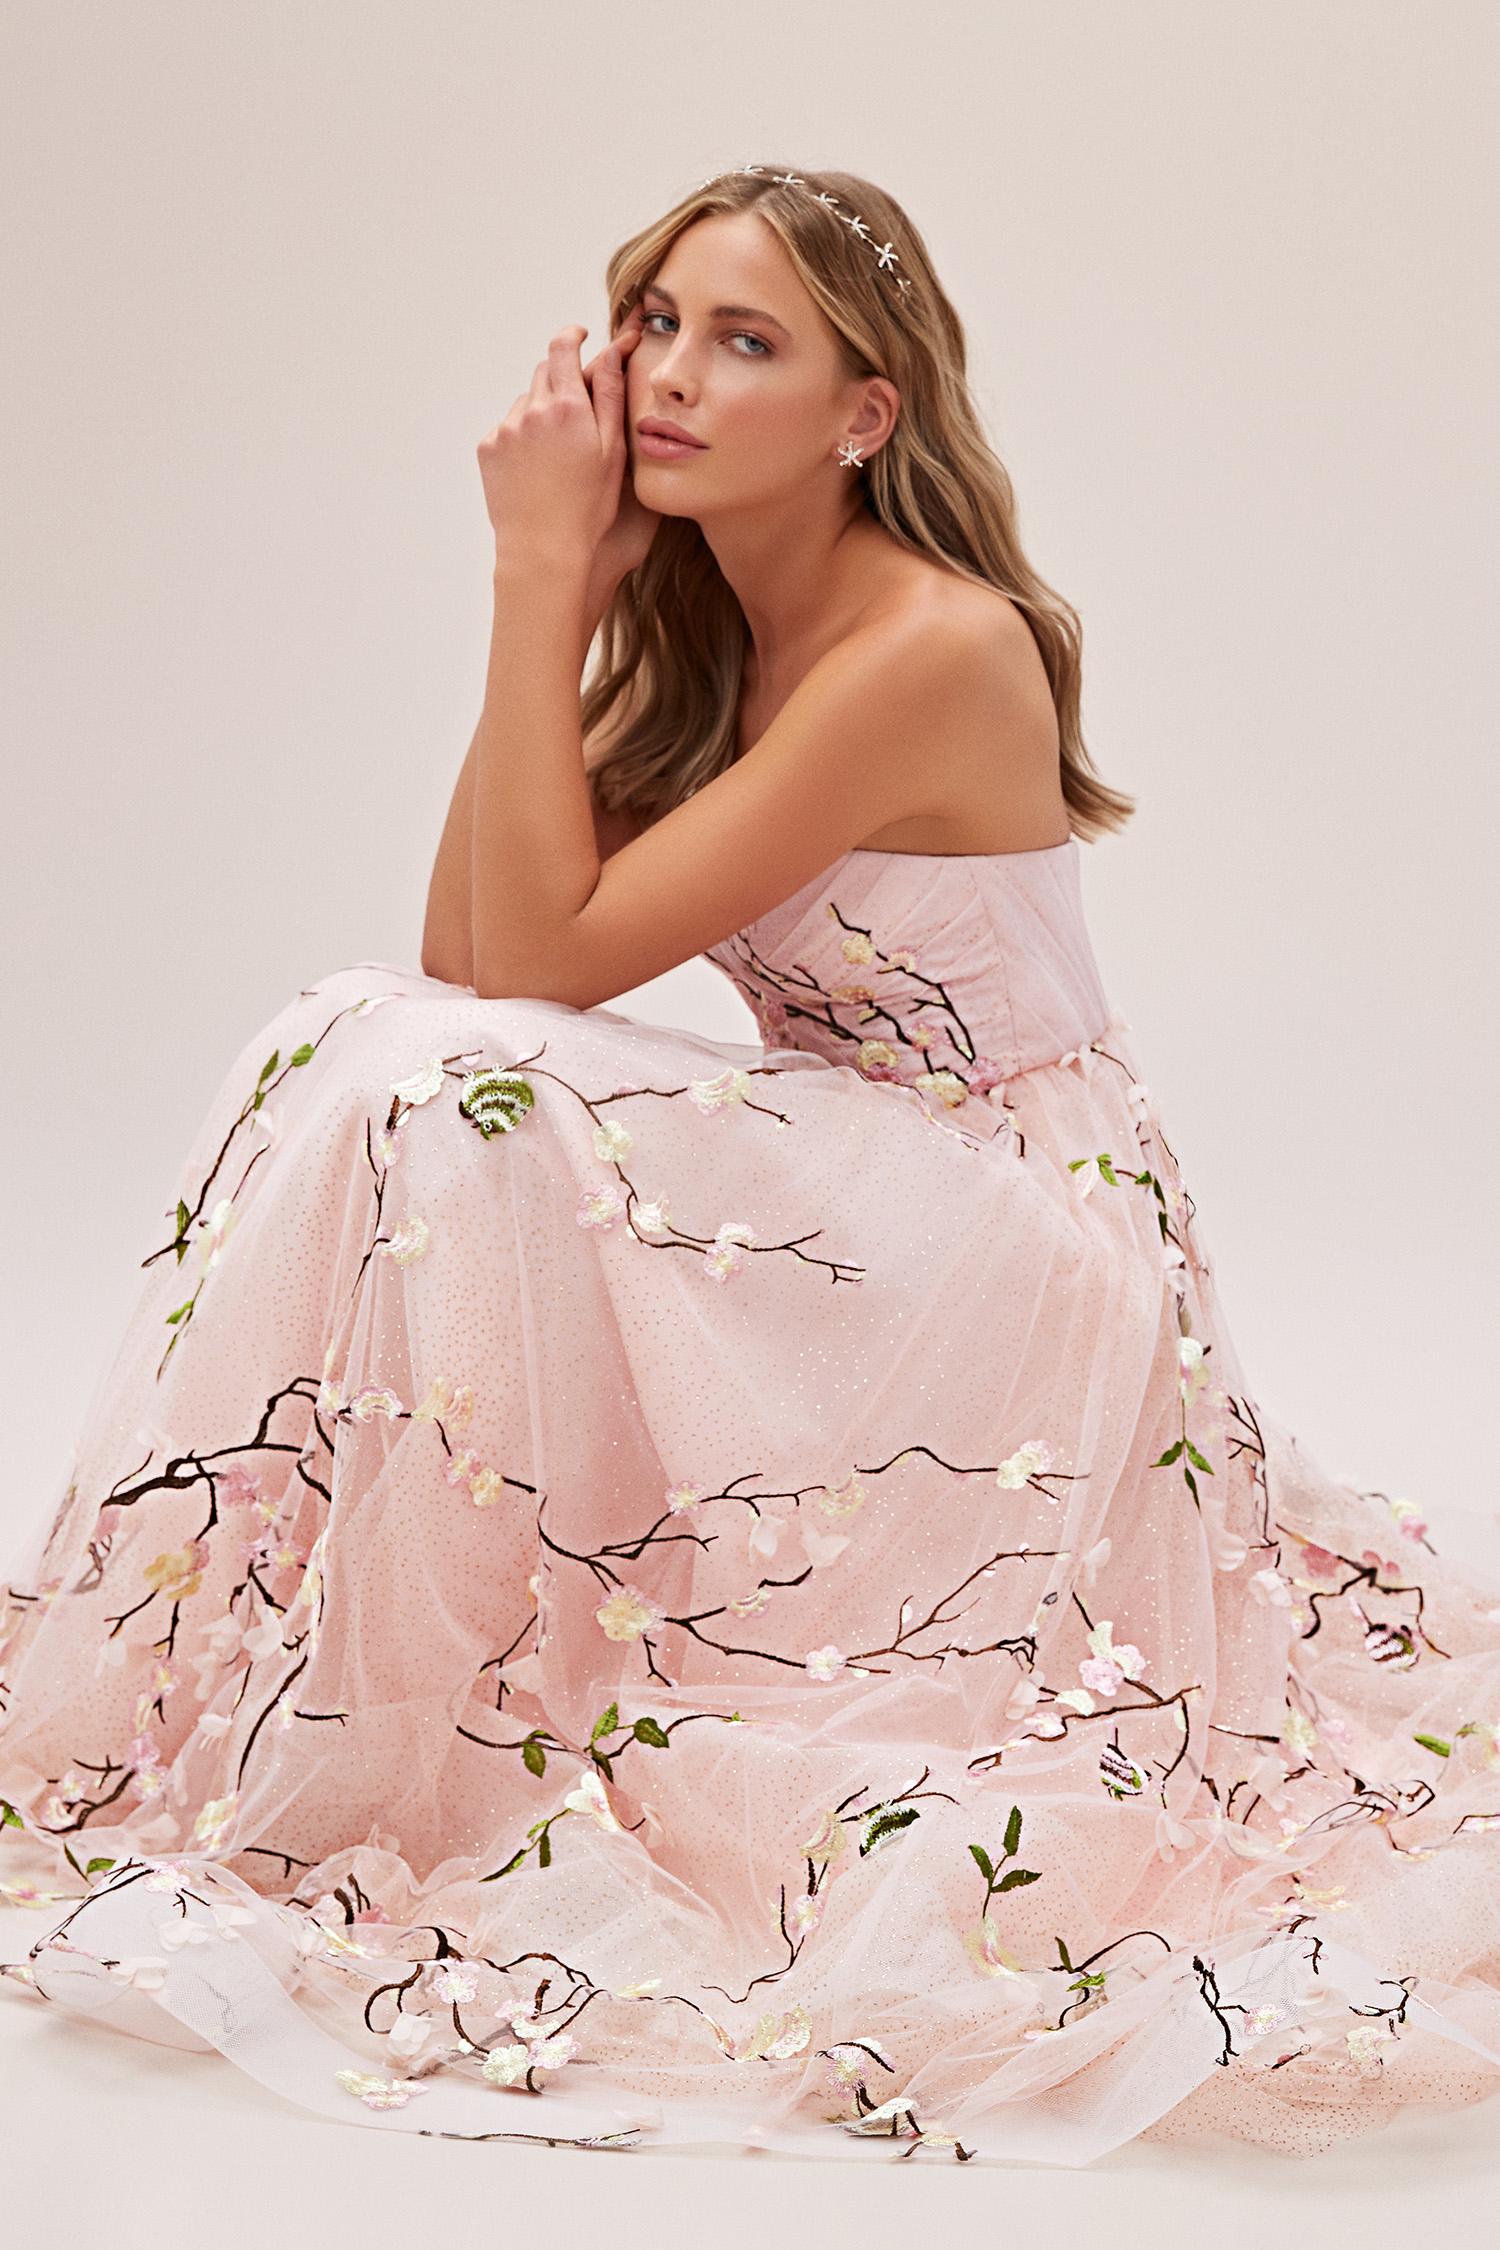 Toz Pembe Straplez Çiçek İşlemeli Tül Romantik Abiye - Thumbnail